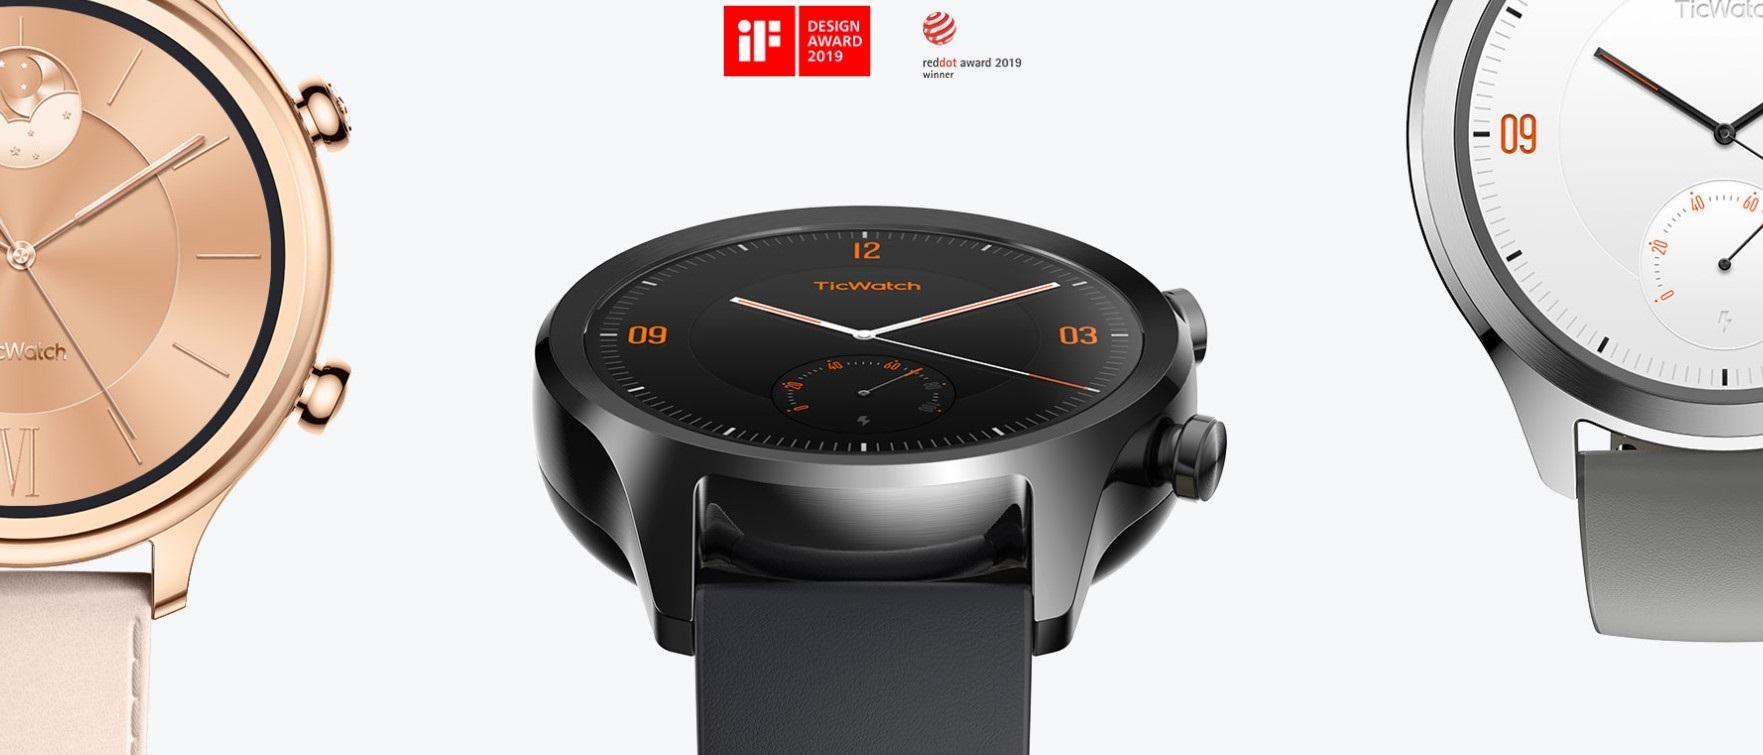 Pohodlný funkční design chytrých hodinek Ticwatch C2 si zamilujete, jejich design byl také oceněn reddot award 2019